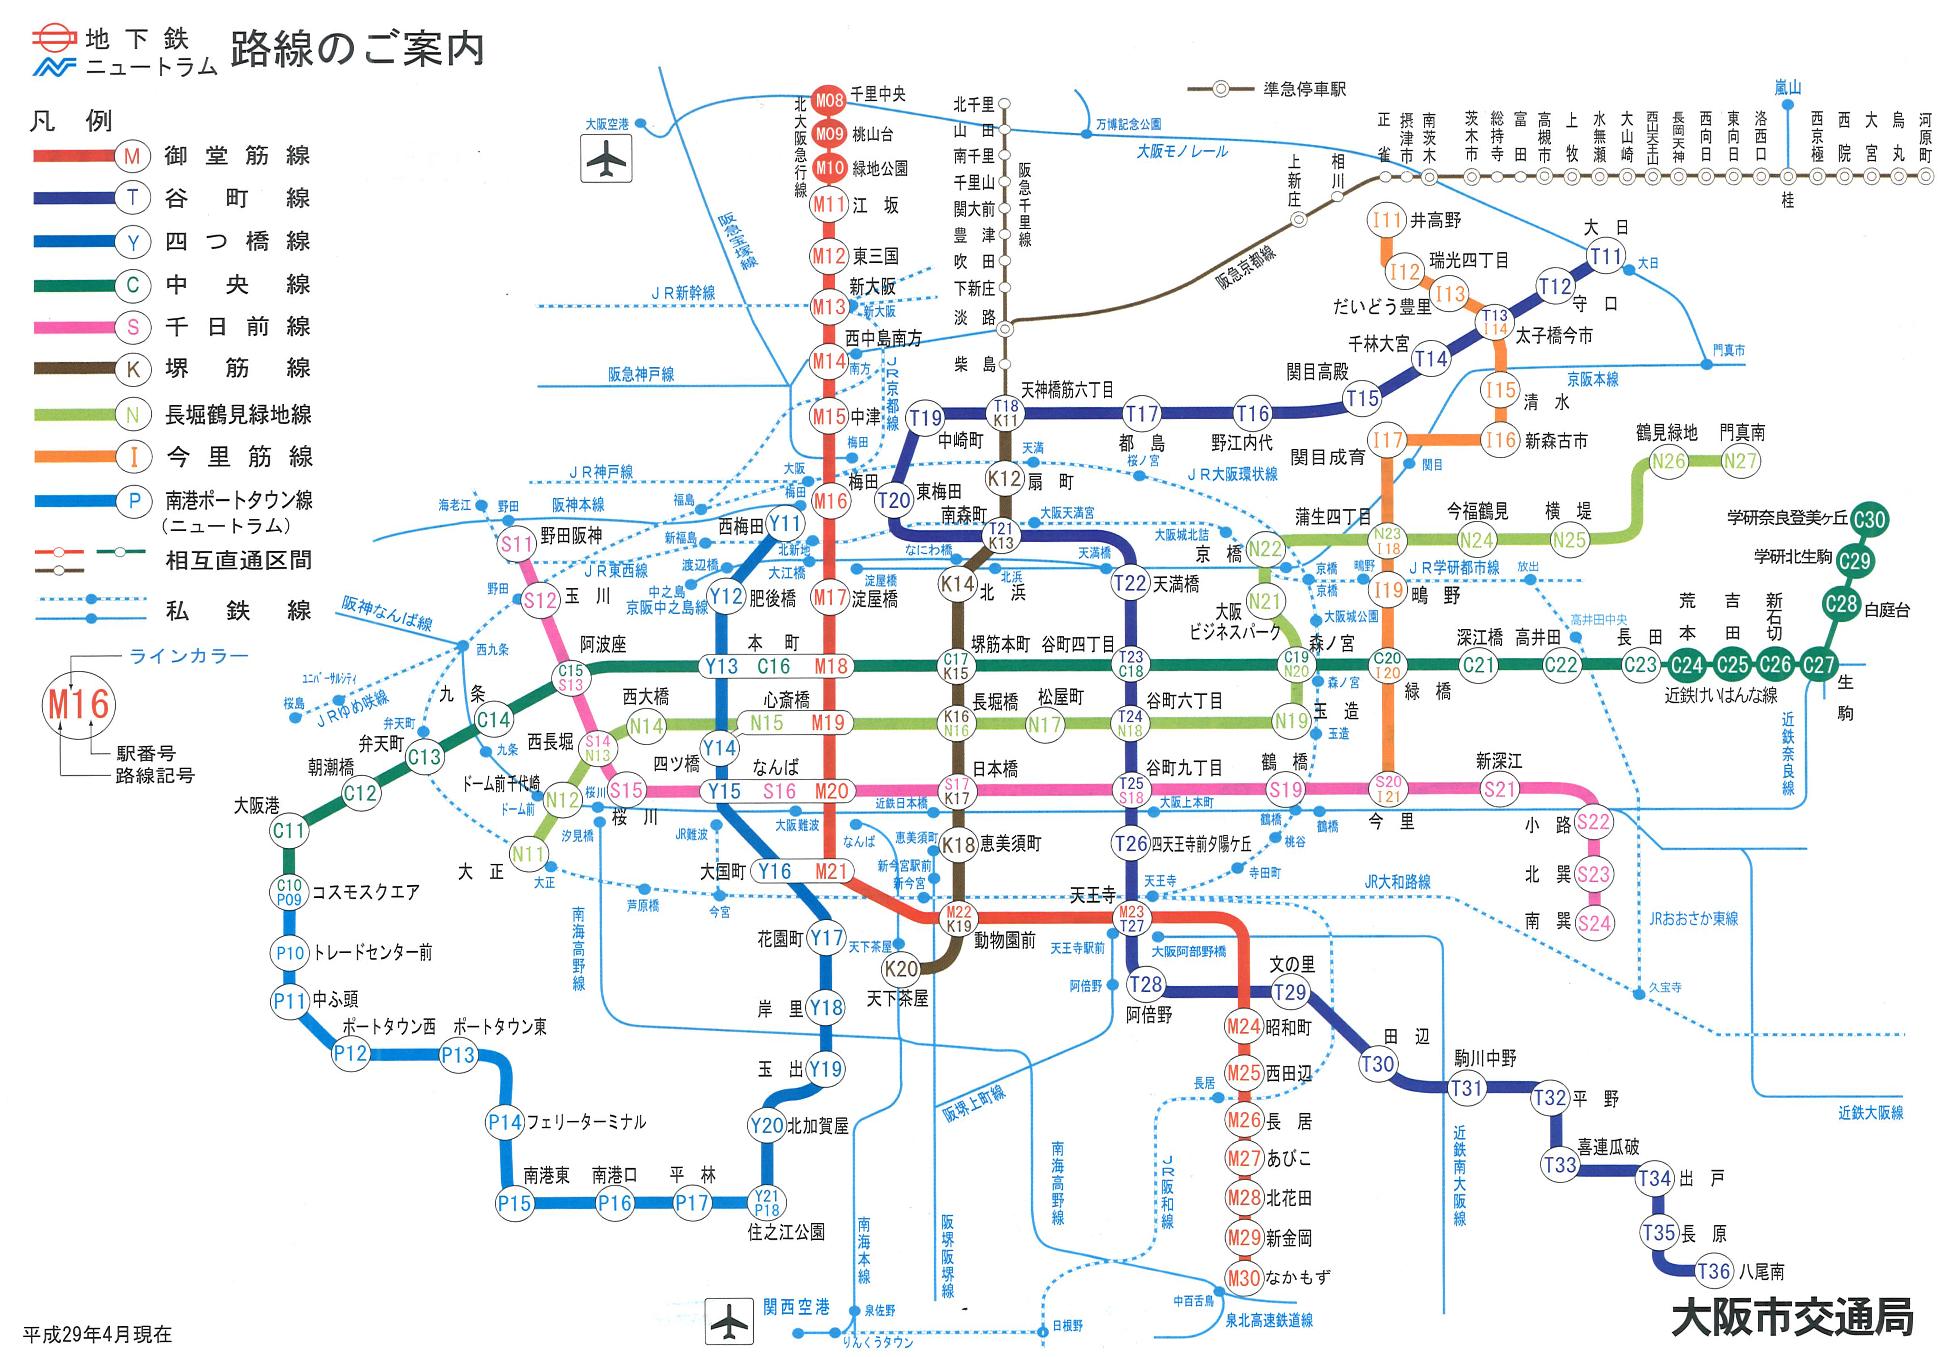 大阪メトロ地下鉄路線図